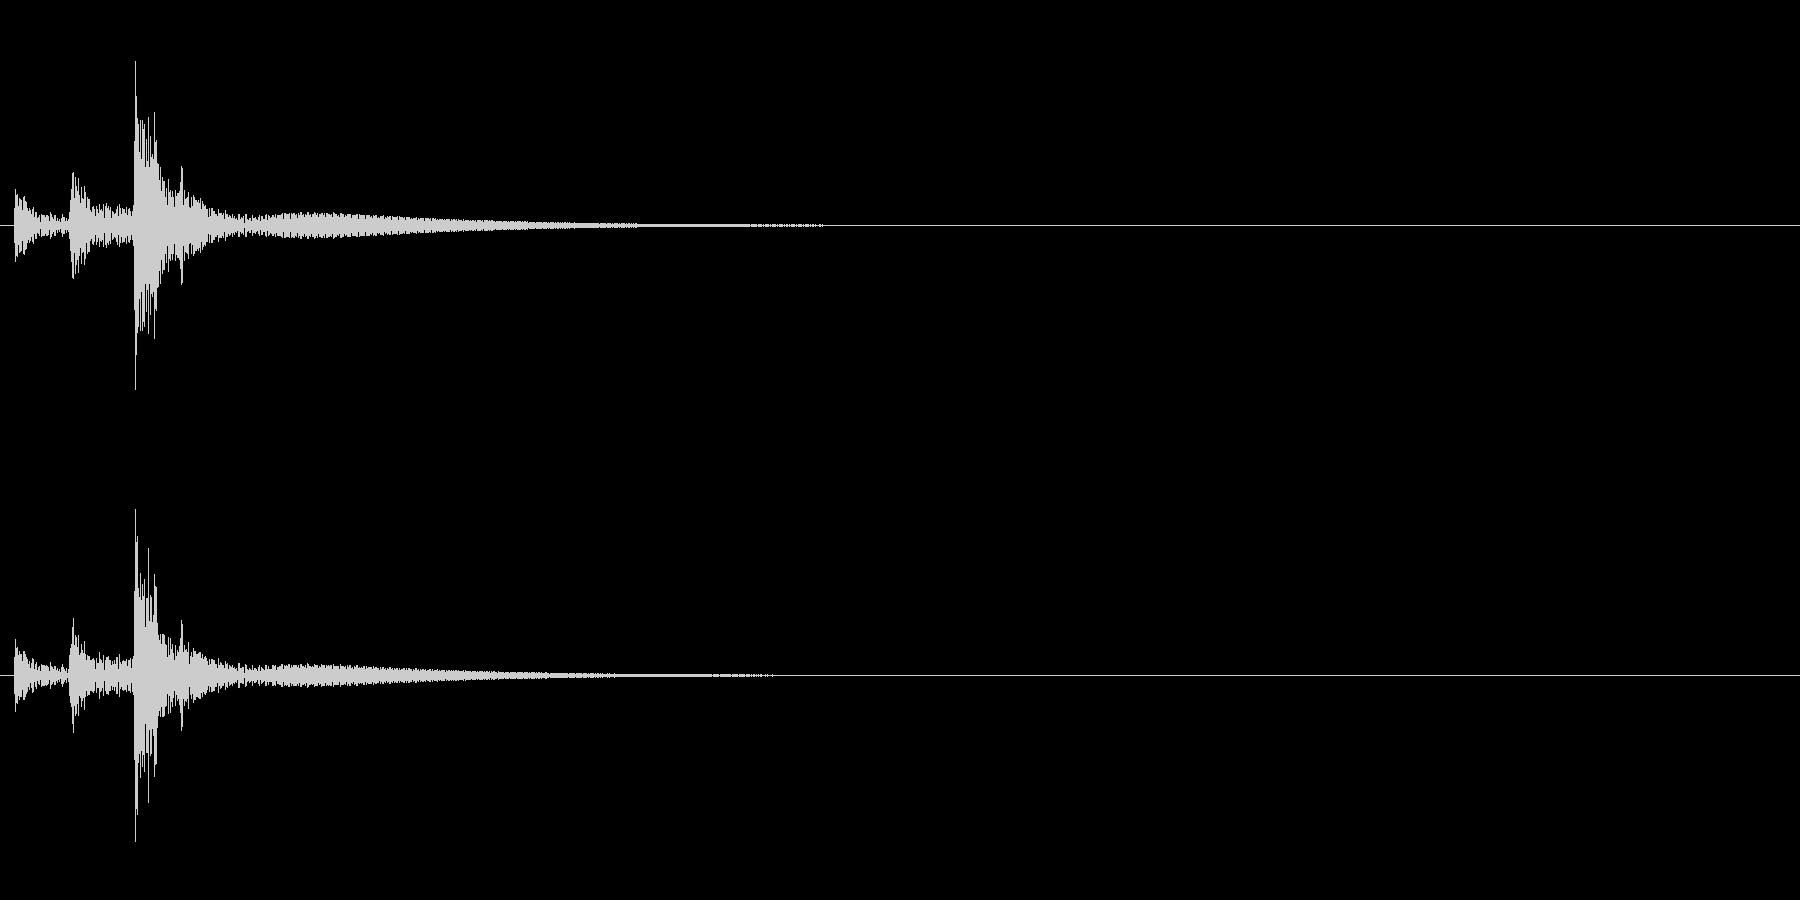 「トトトン」うちわ太皷の単発音の未再生の波形